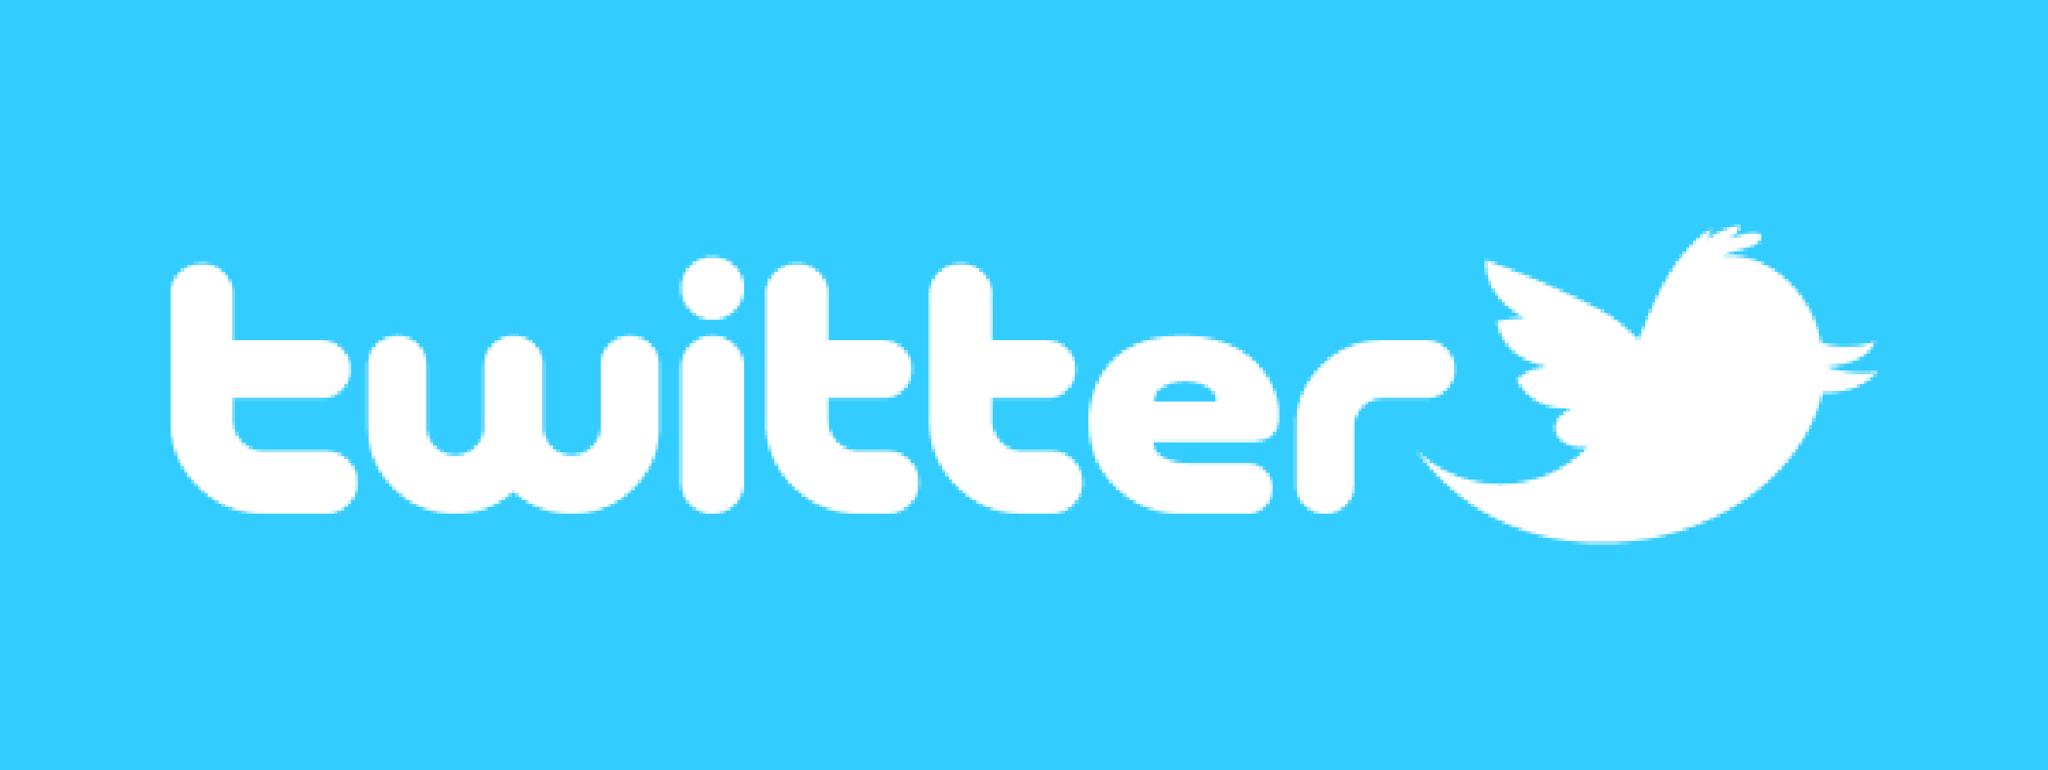 Resultado de imagen de twitter logo